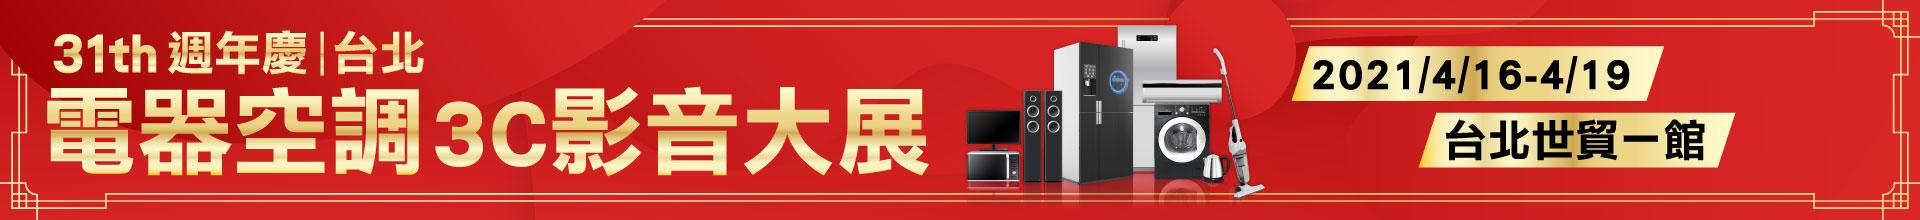 第三十一屆 台北電器空調3C影音大展